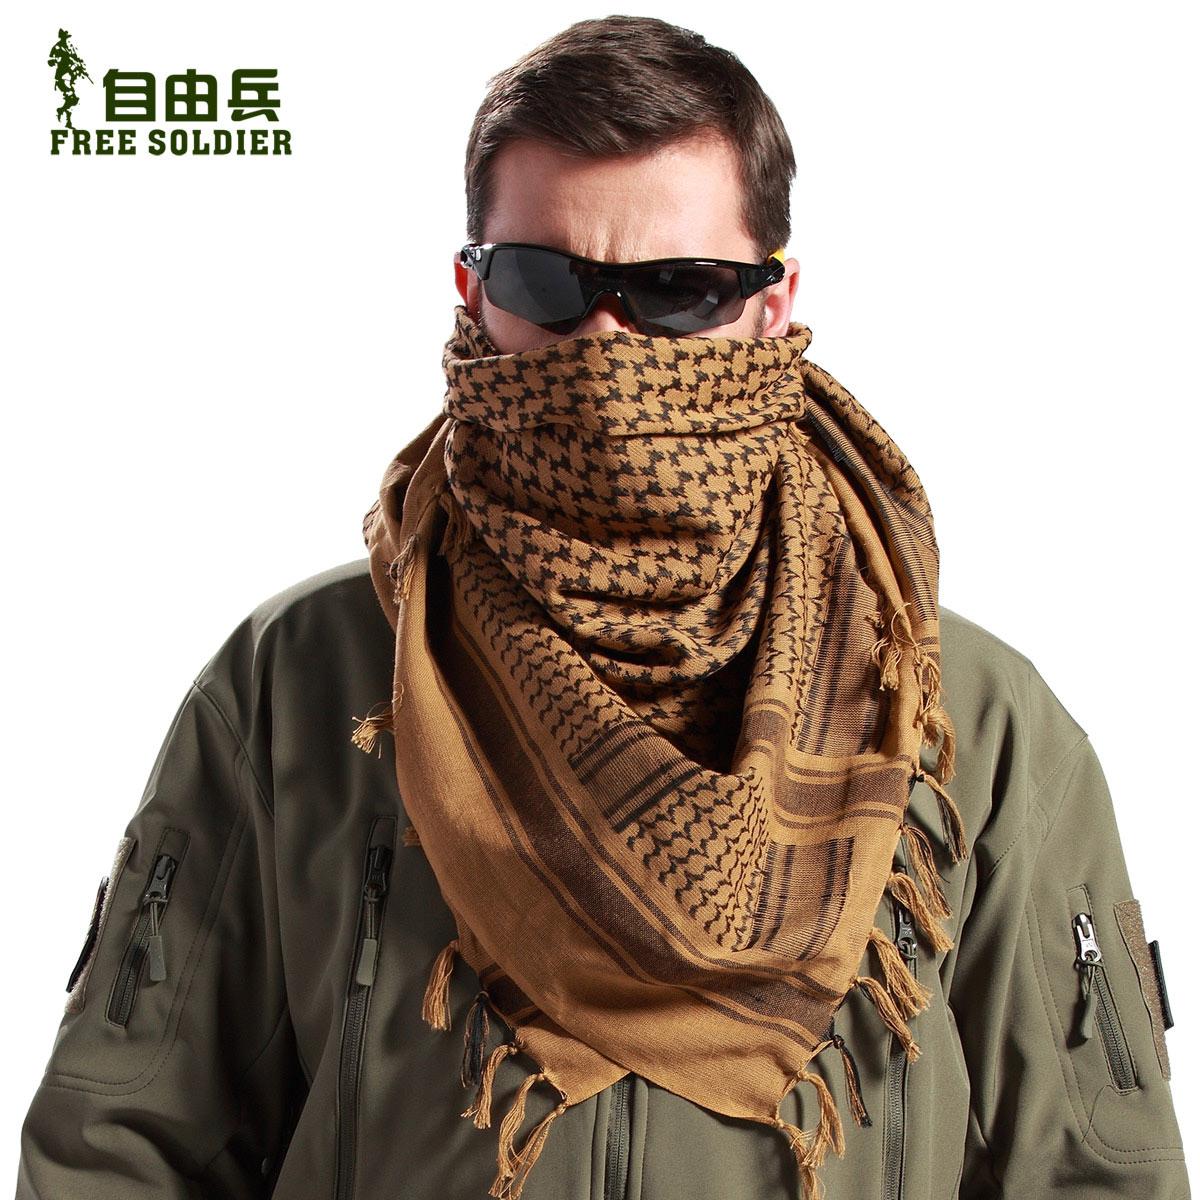 Toalla turbante árabes bufandas al aire libre personalidad militar de fuerzas especiales de Rusia, los